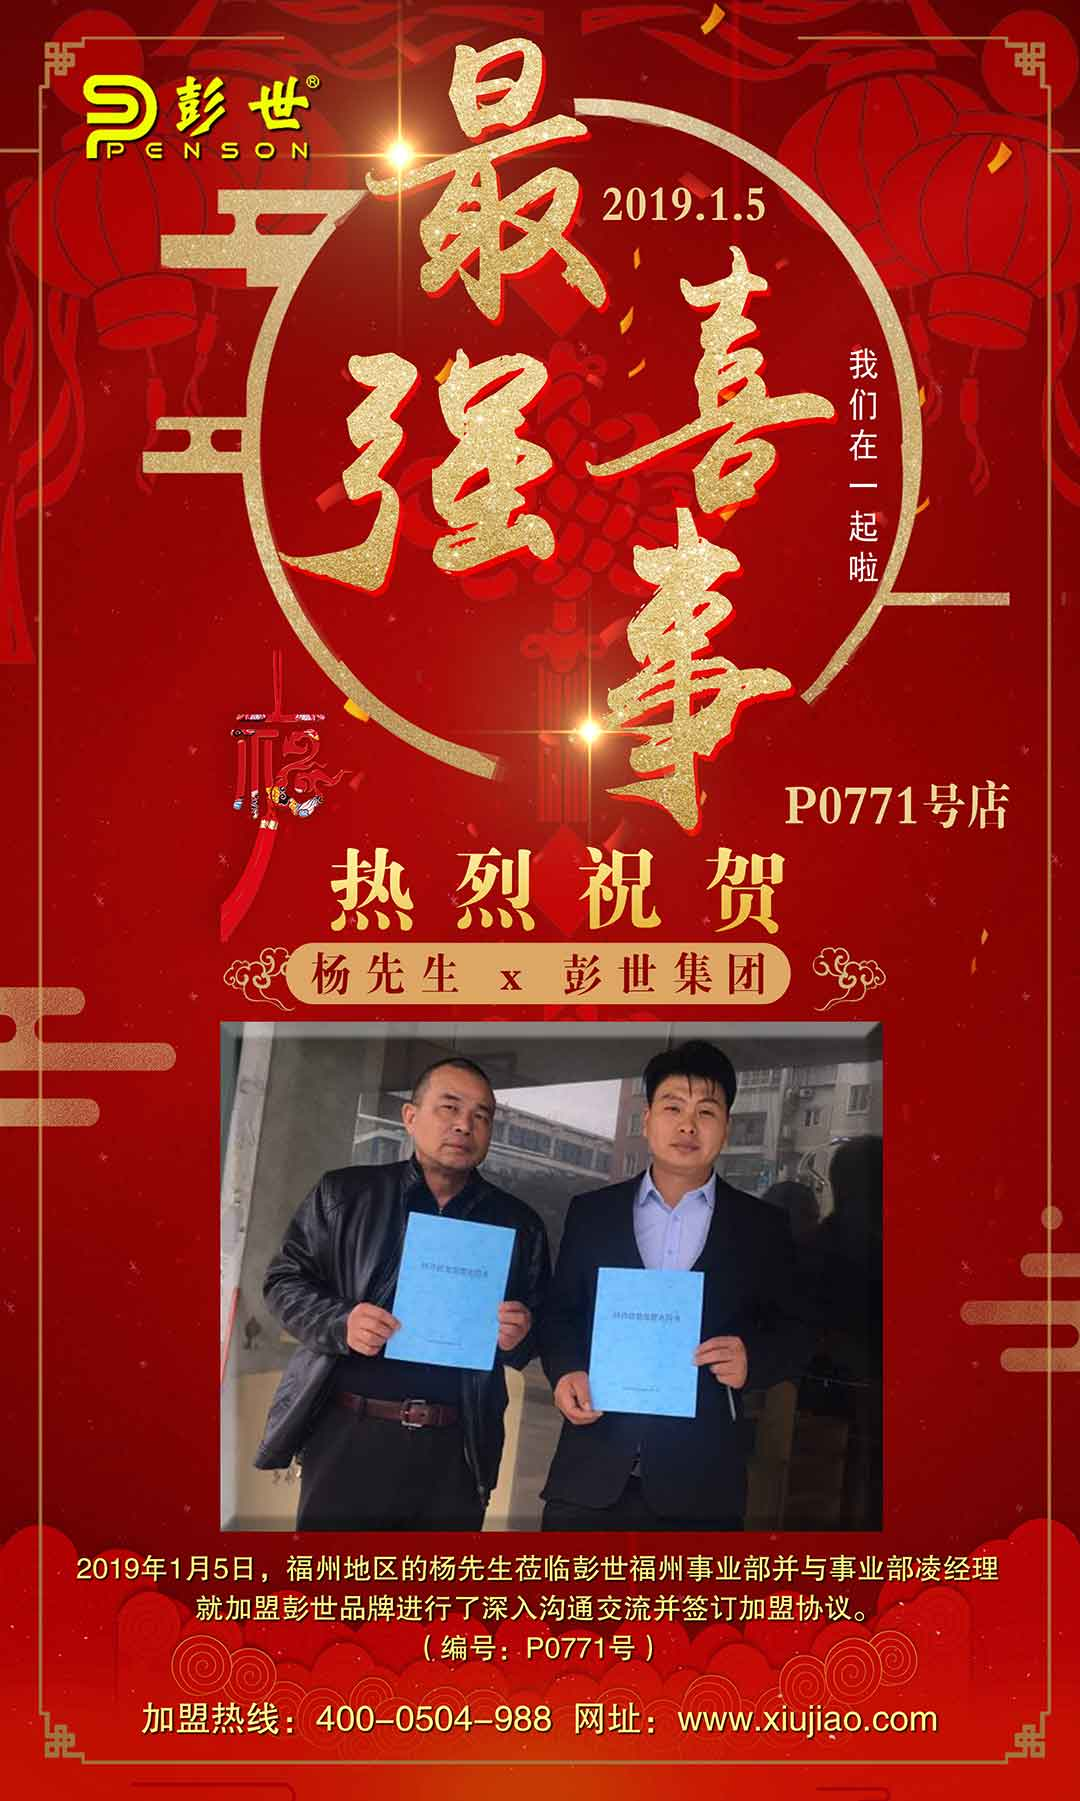 恭喜杨先生成功签约福州地区彭世修脚加盟店